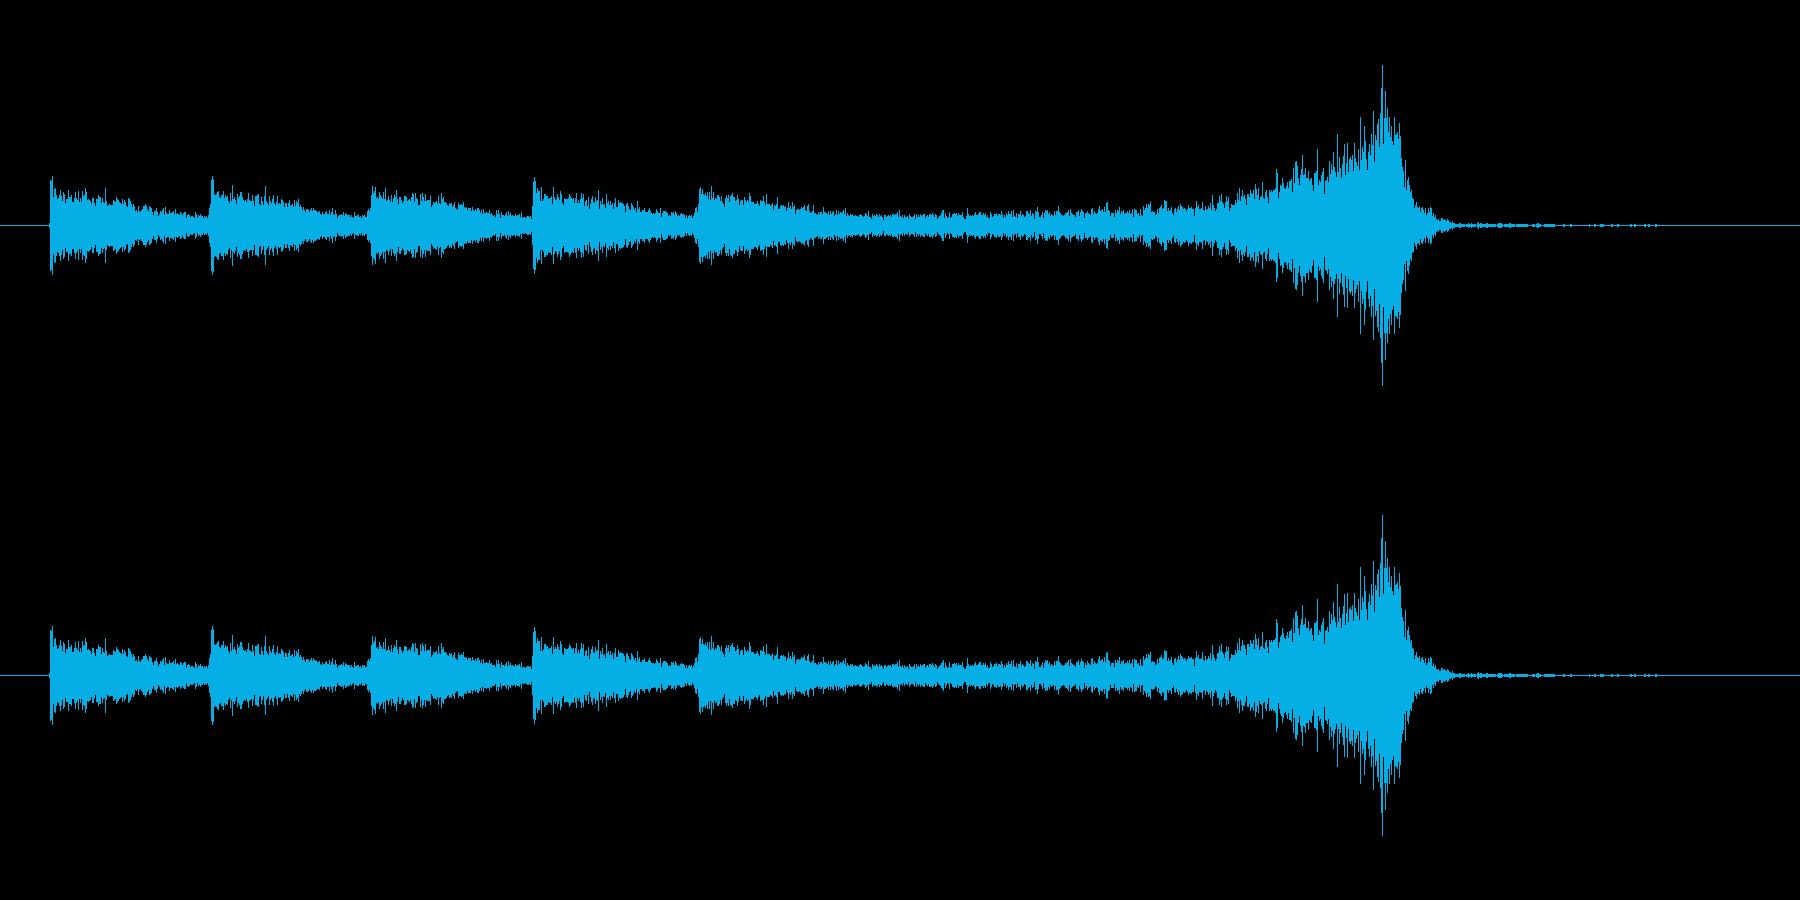 ヒュンヒュン(風が舞い上がる音)の再生済みの波形